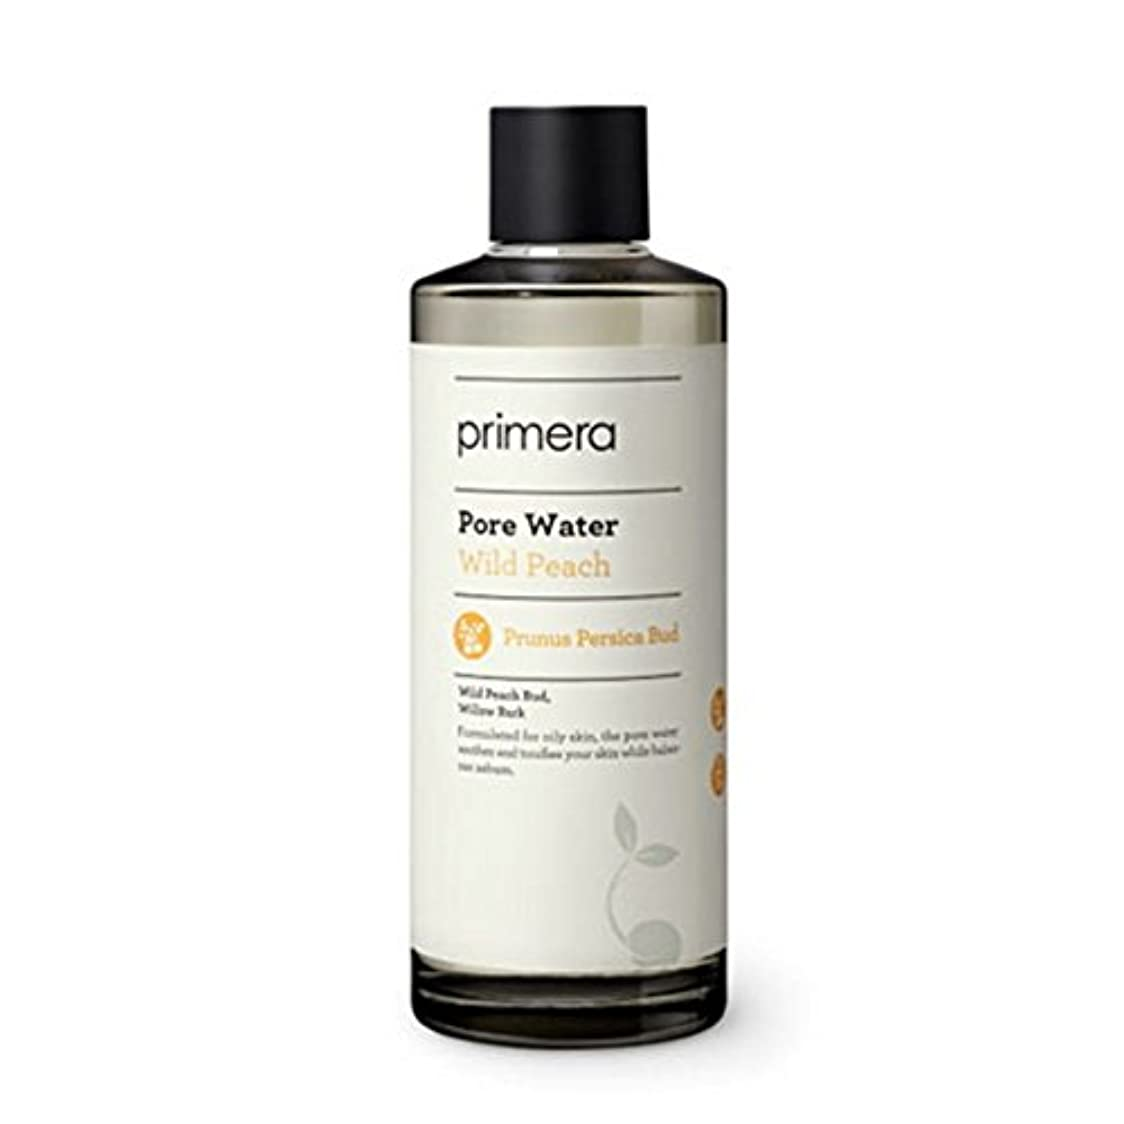 ルビージェット二層【プリメーラ】 PRIMERA Wild Peach Pore Water ワイルドピッチフォアウォーター 【韓国直送品】 OOPSPANDA